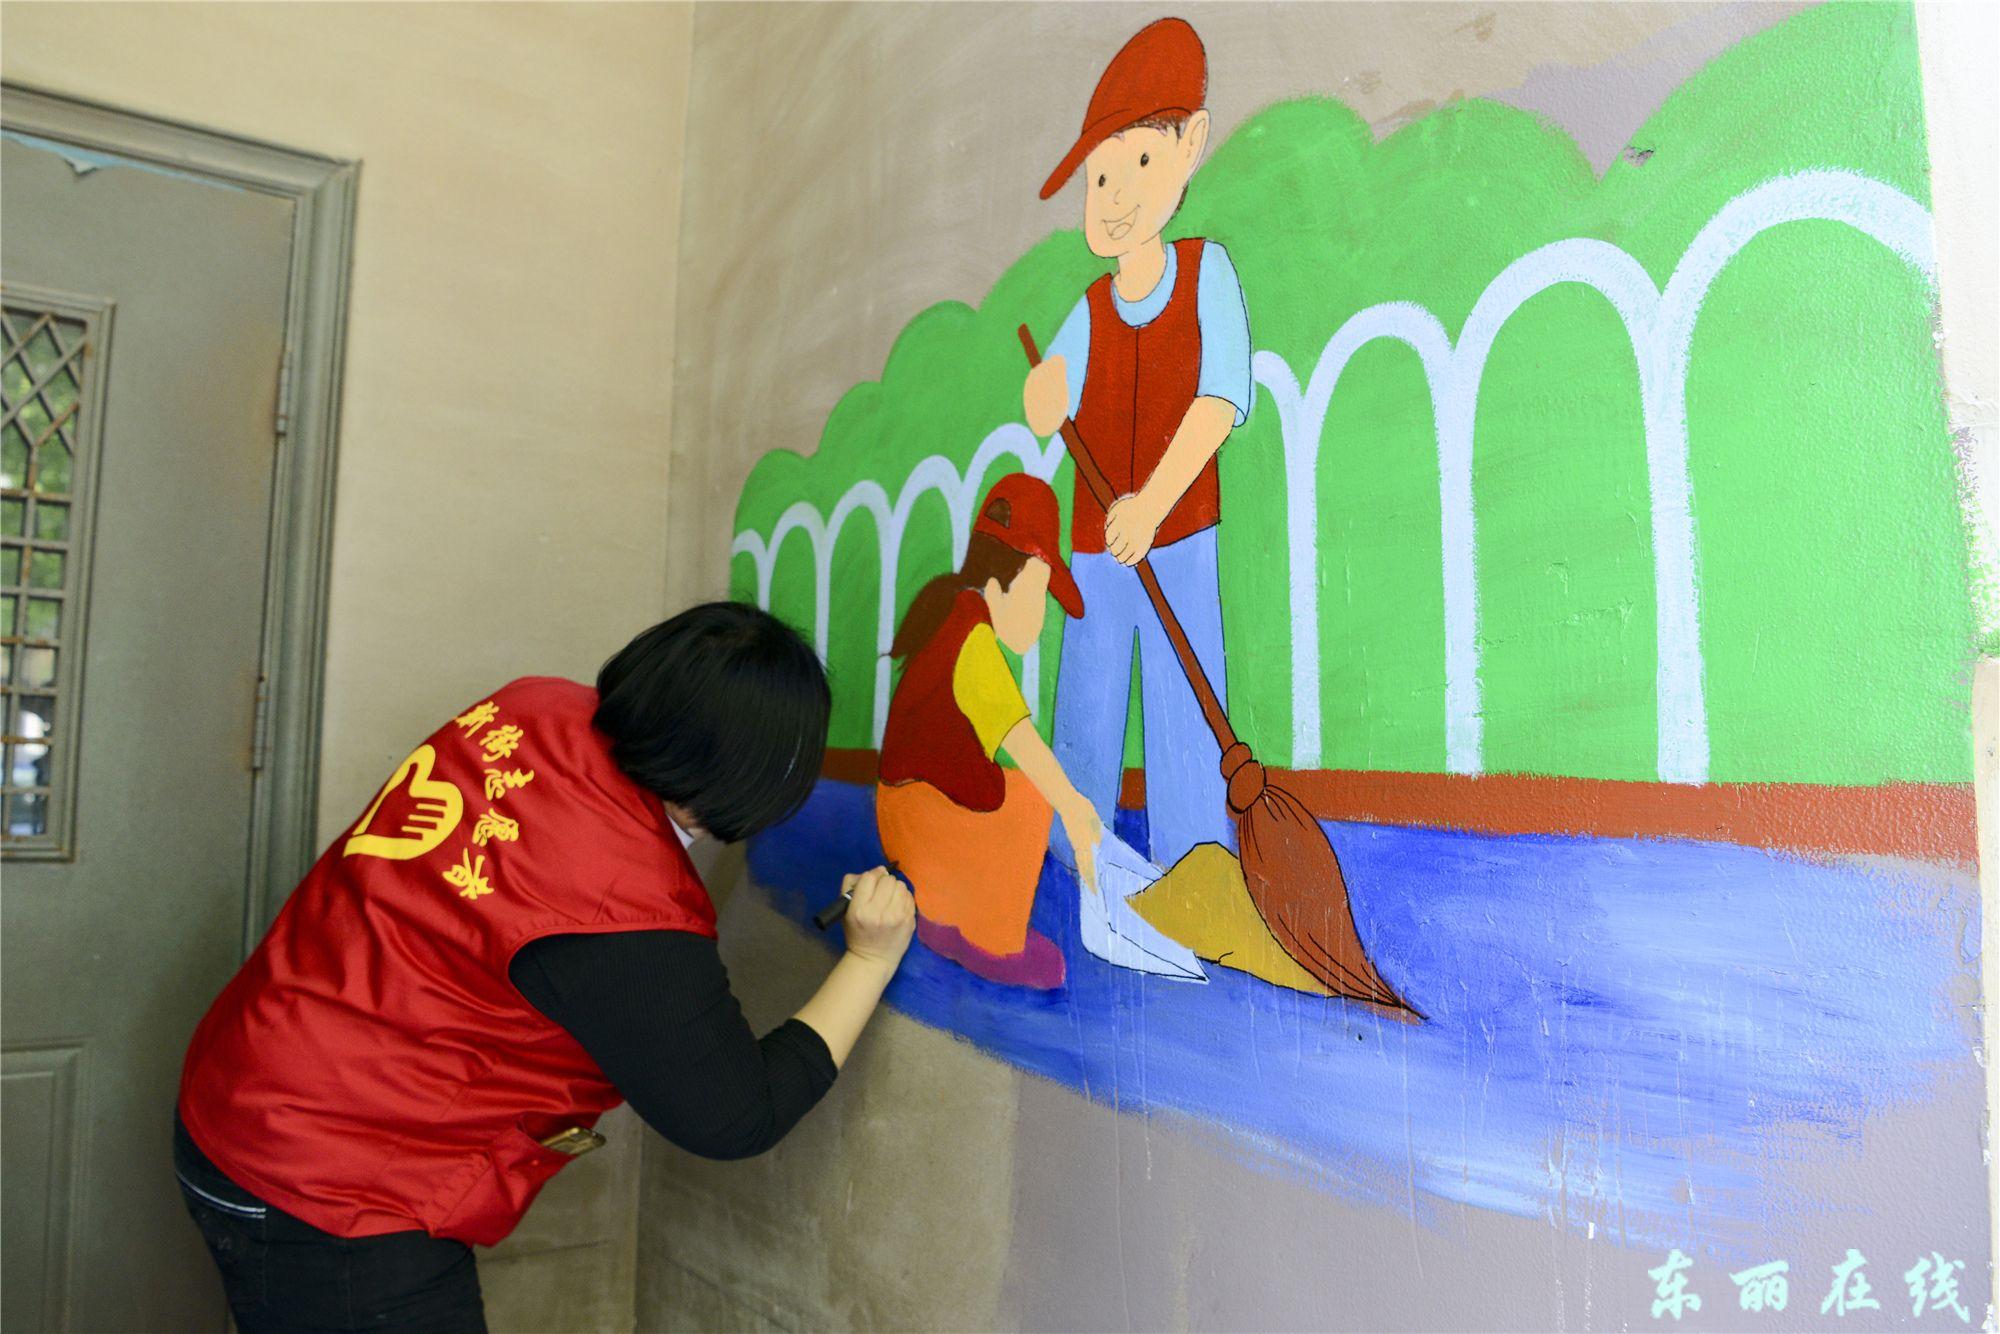 华新街社区:60幅文化彩绘营造浓厚创文氛围